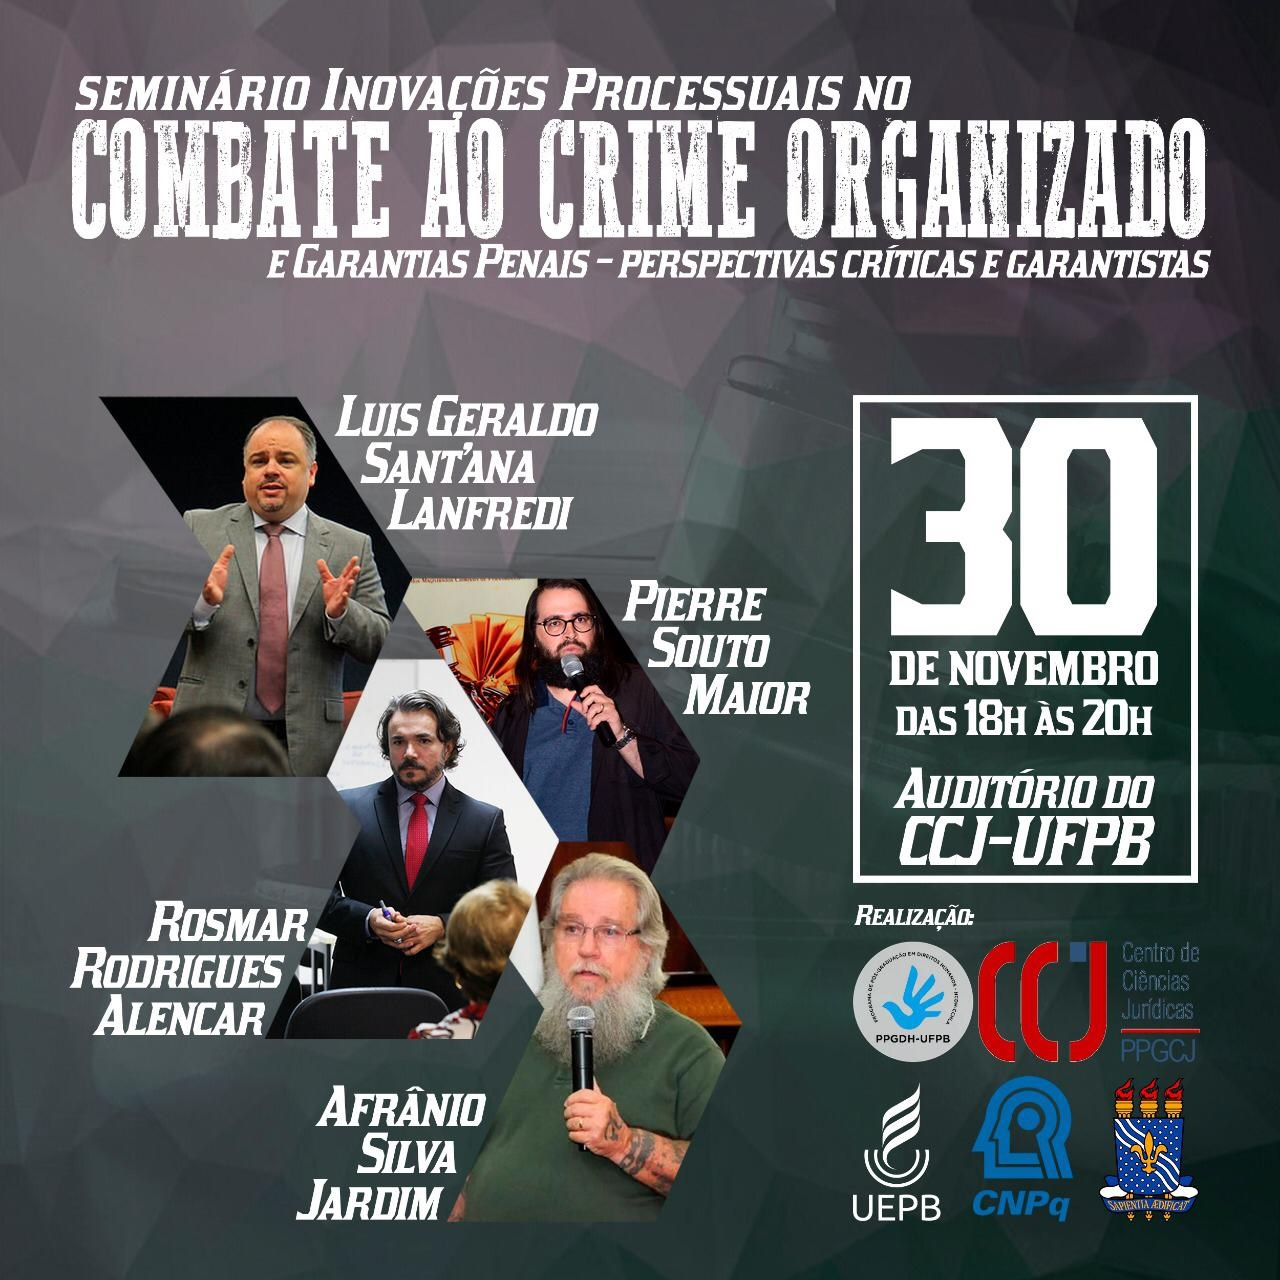 Seminário  Inovações Processuais no Combate ao crime Organizado